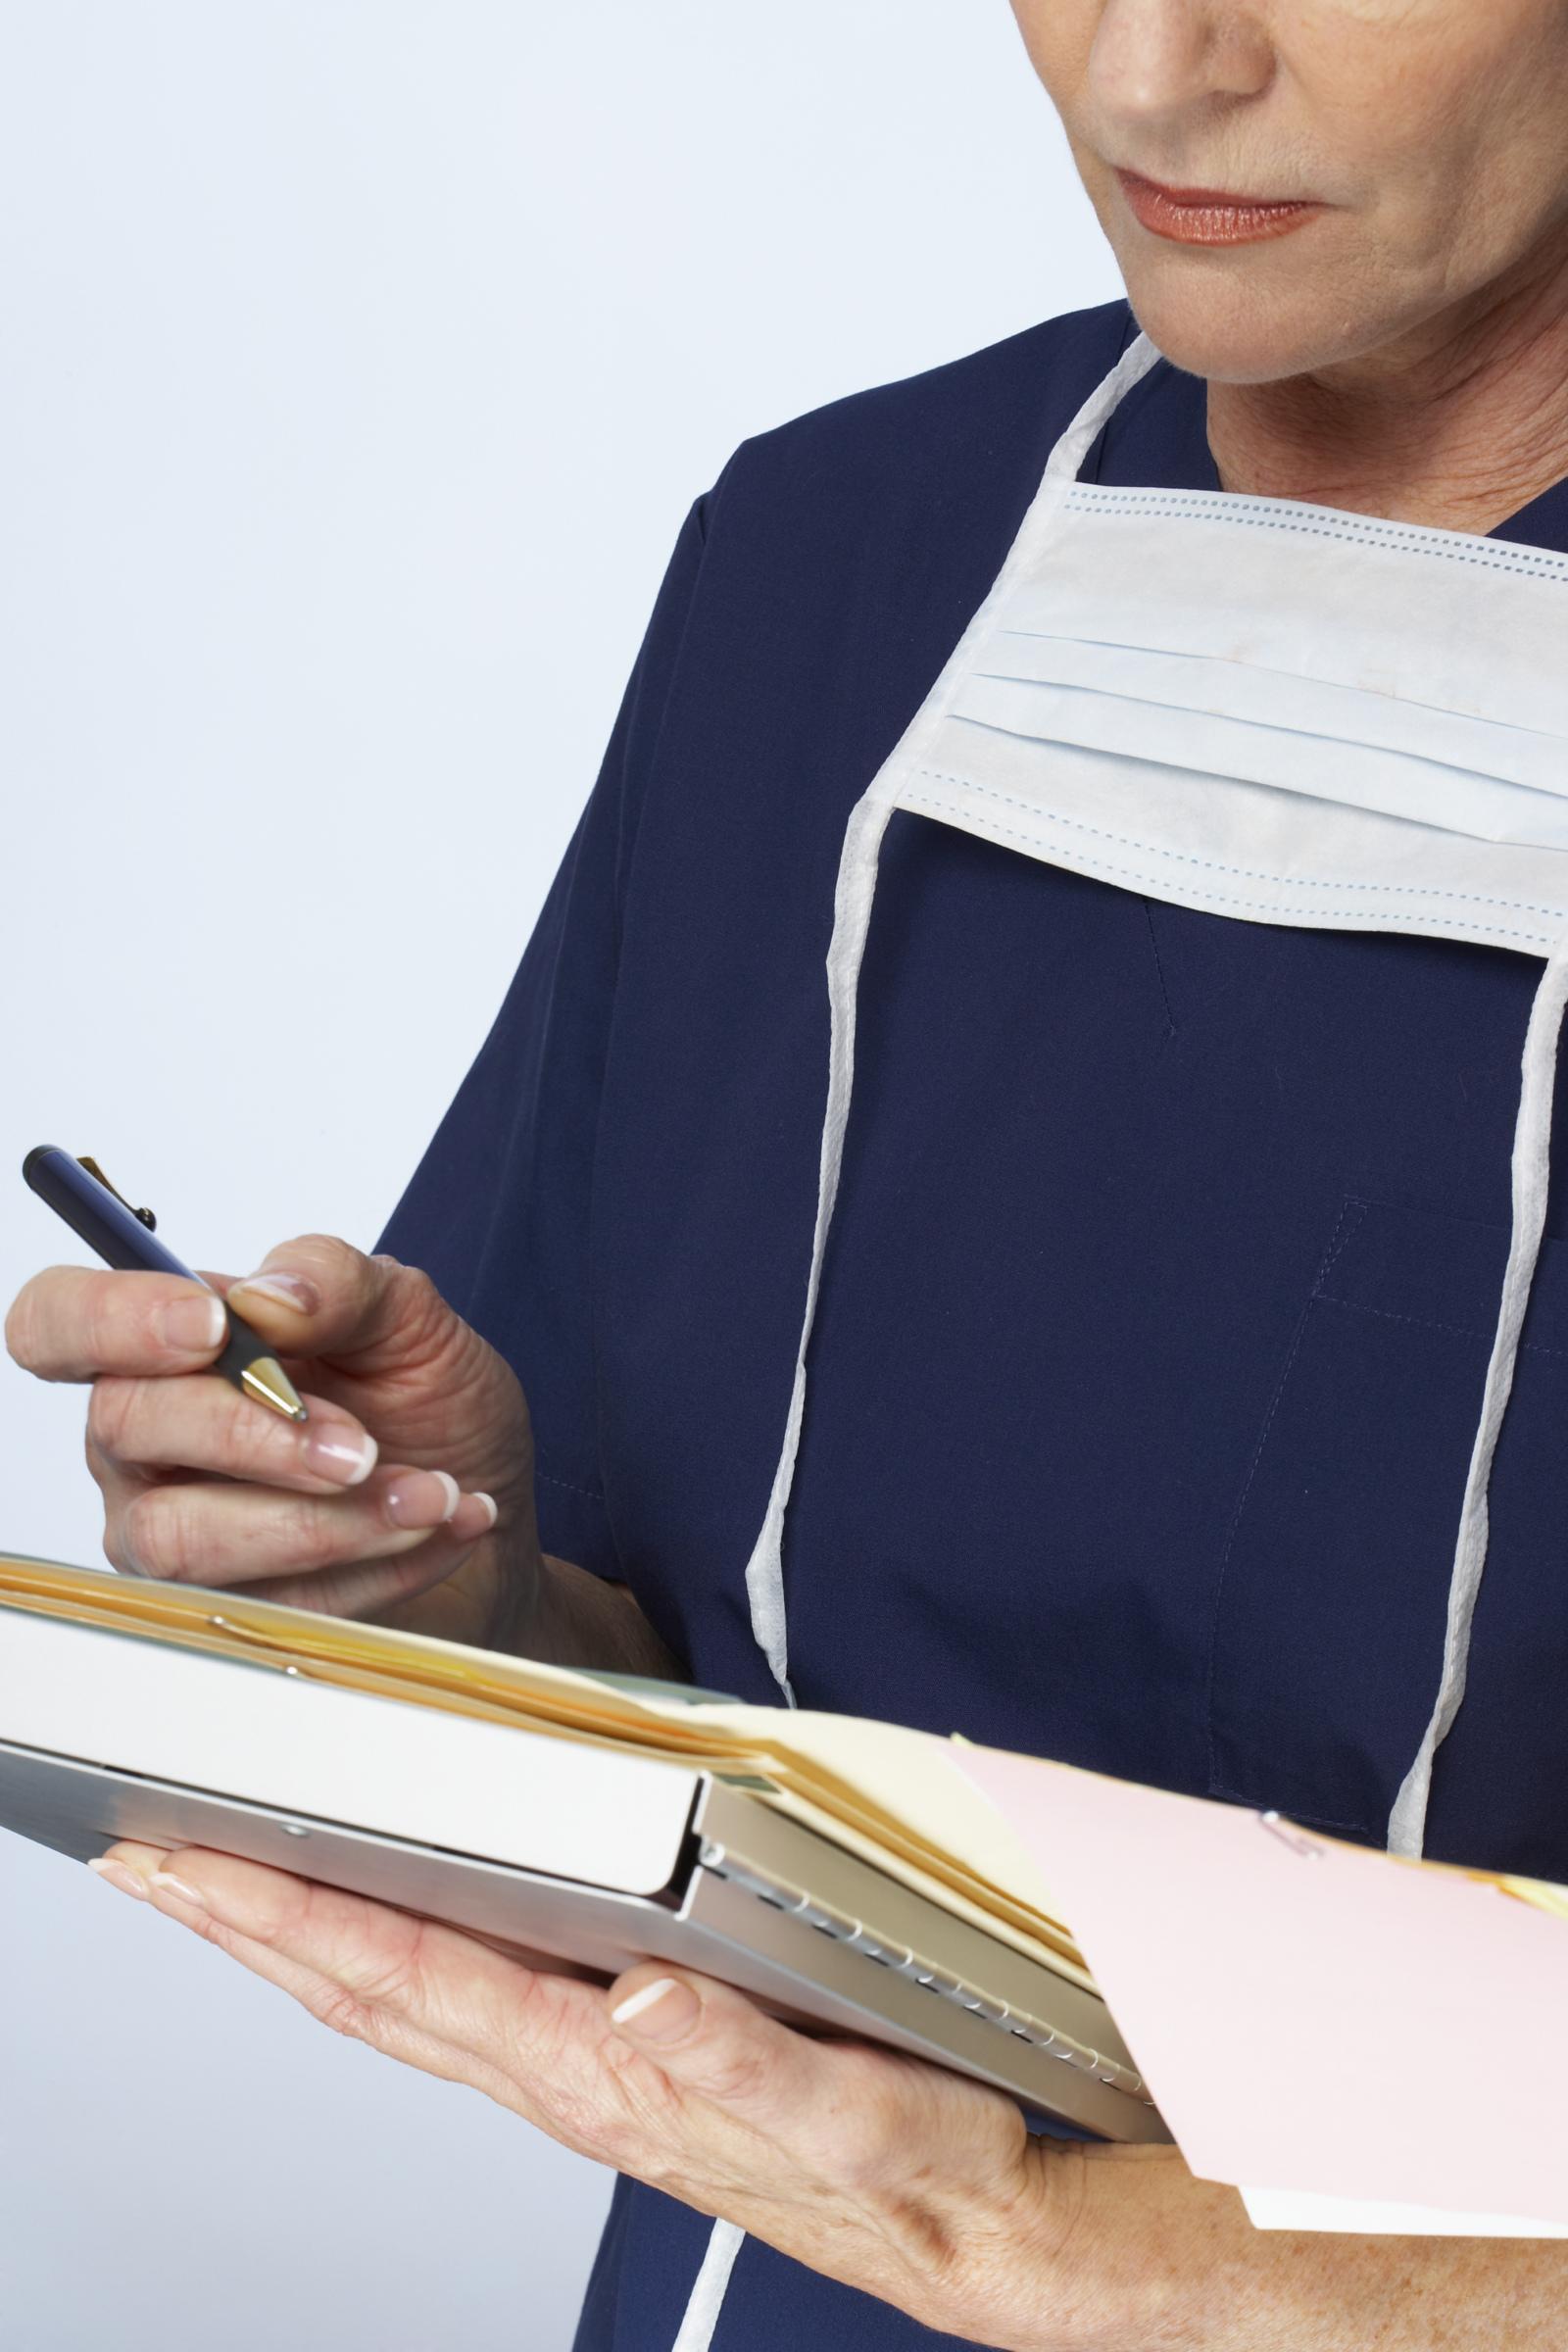 OSHA and the Dental Hygienist's Role